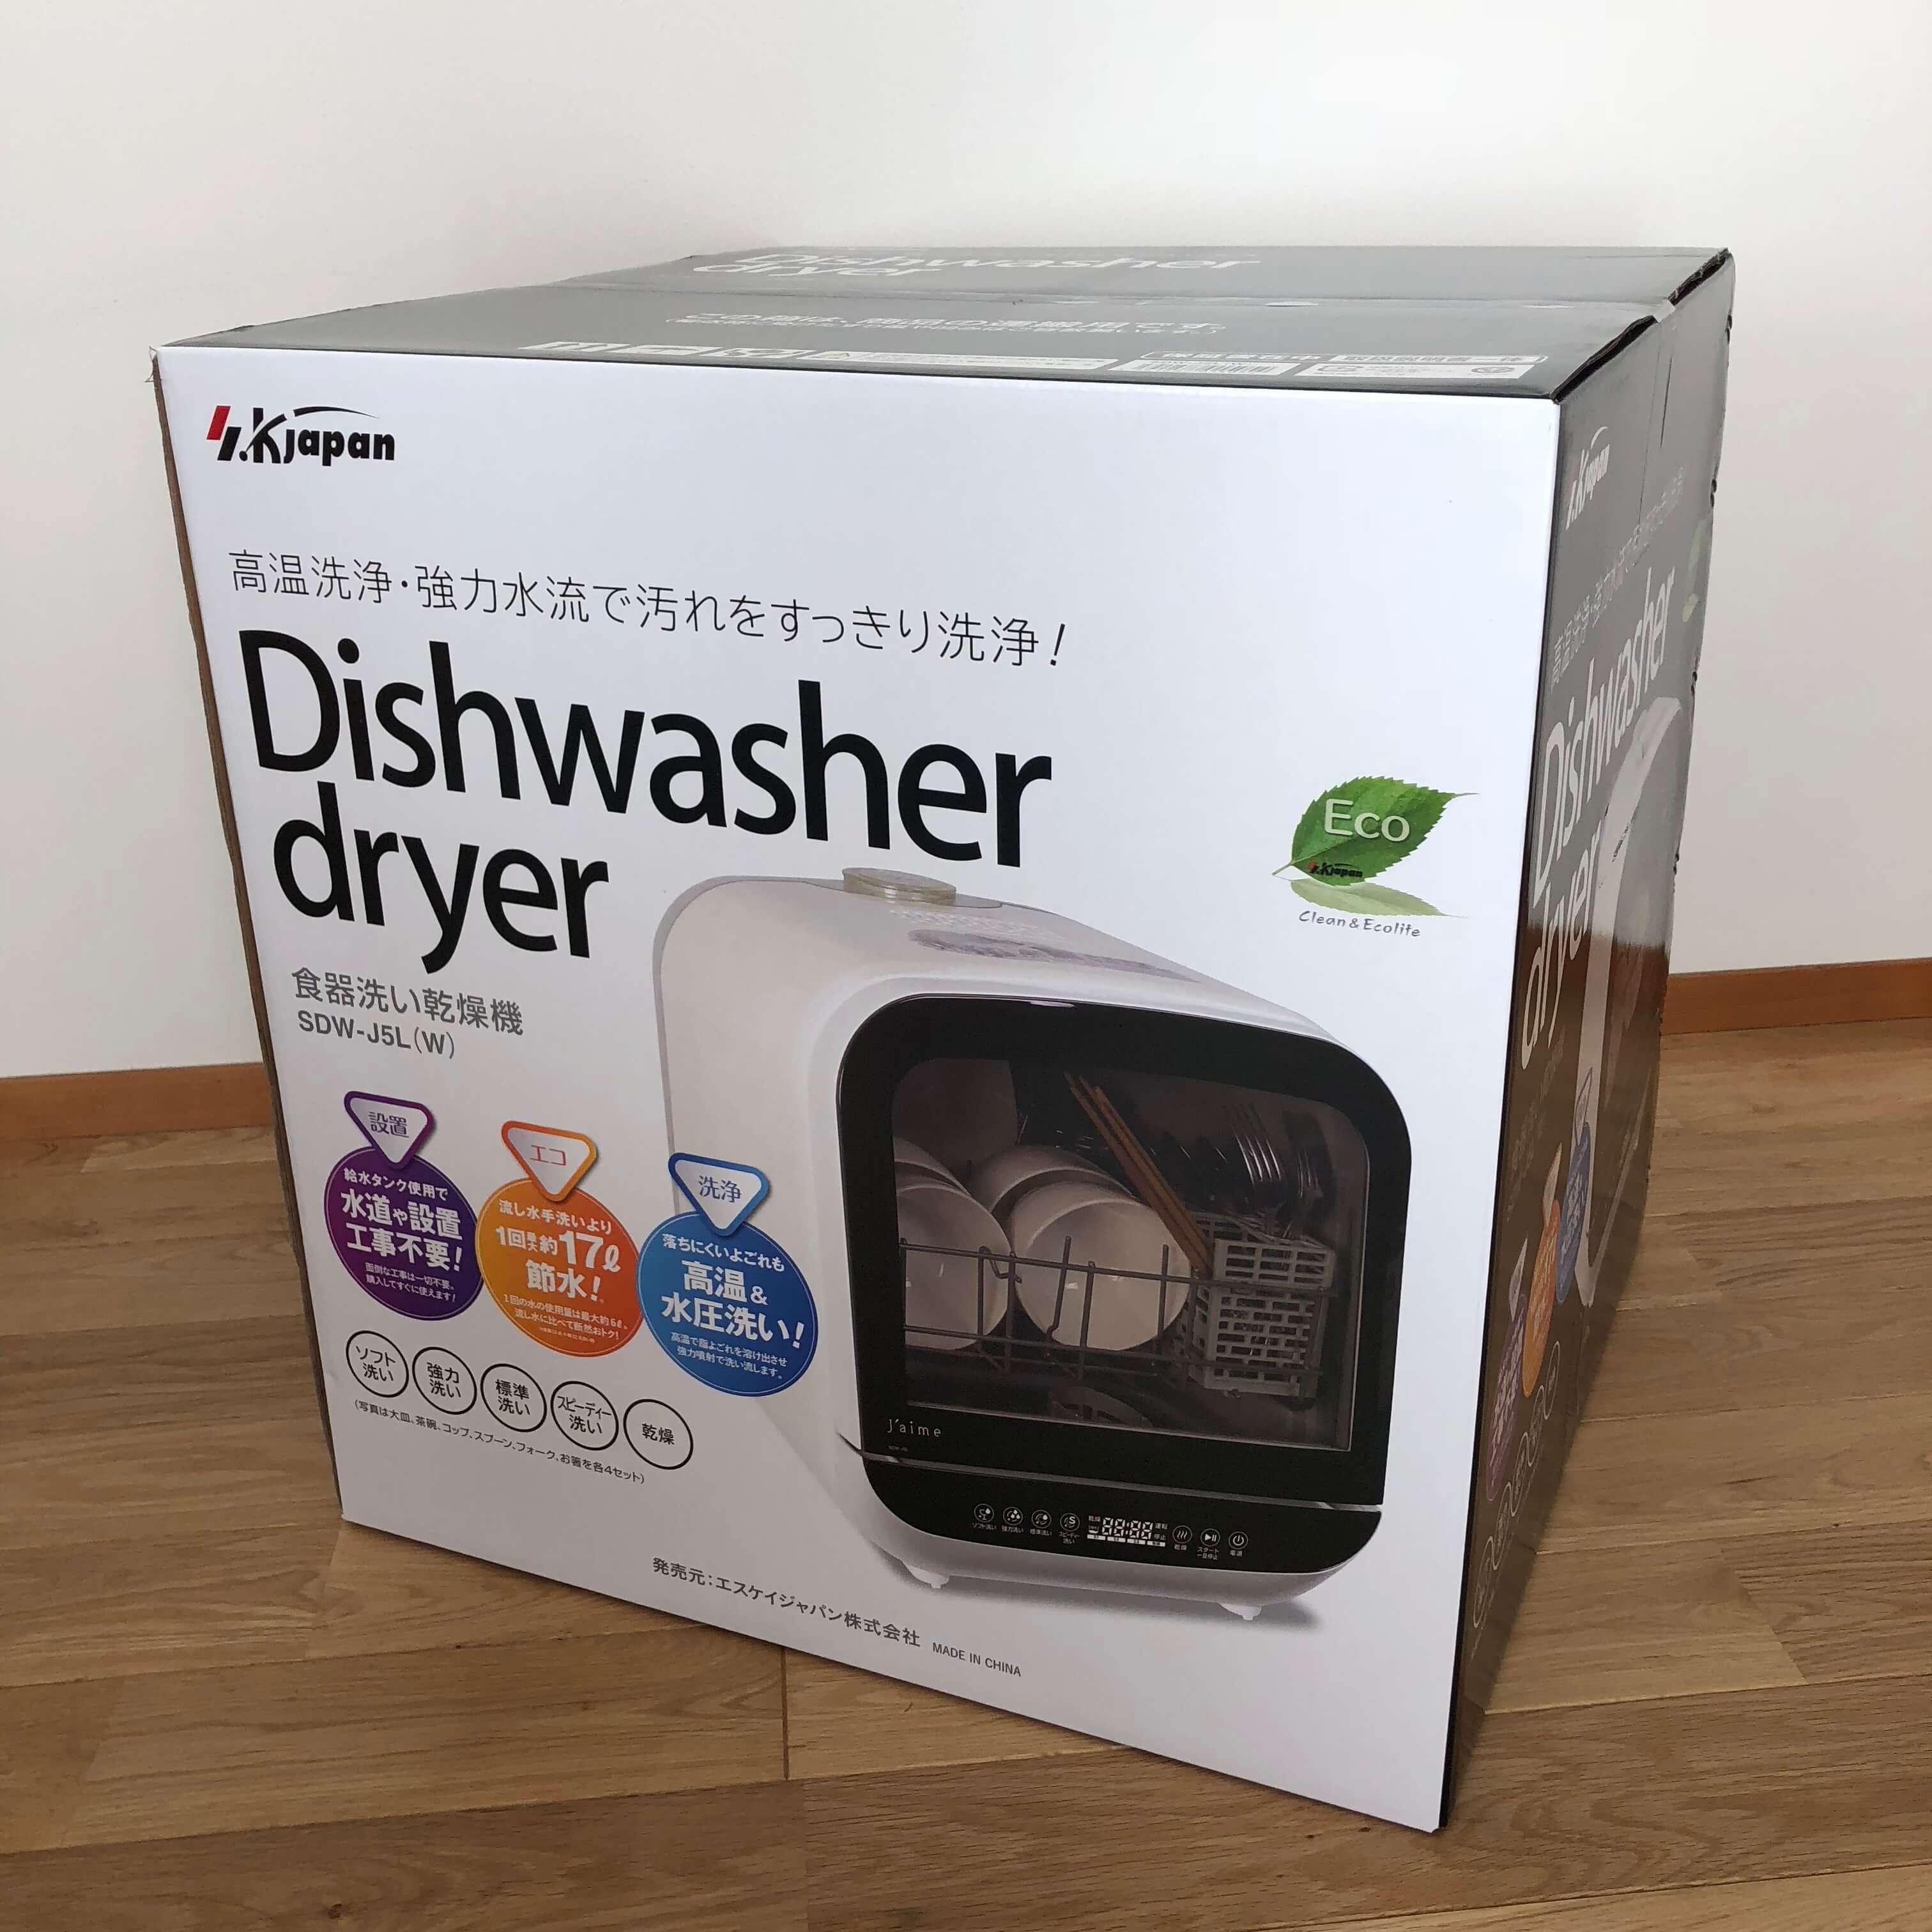 エスケイジャパン Jaime (ジェイム) SDW-J5L-W 工事不要の食洗機